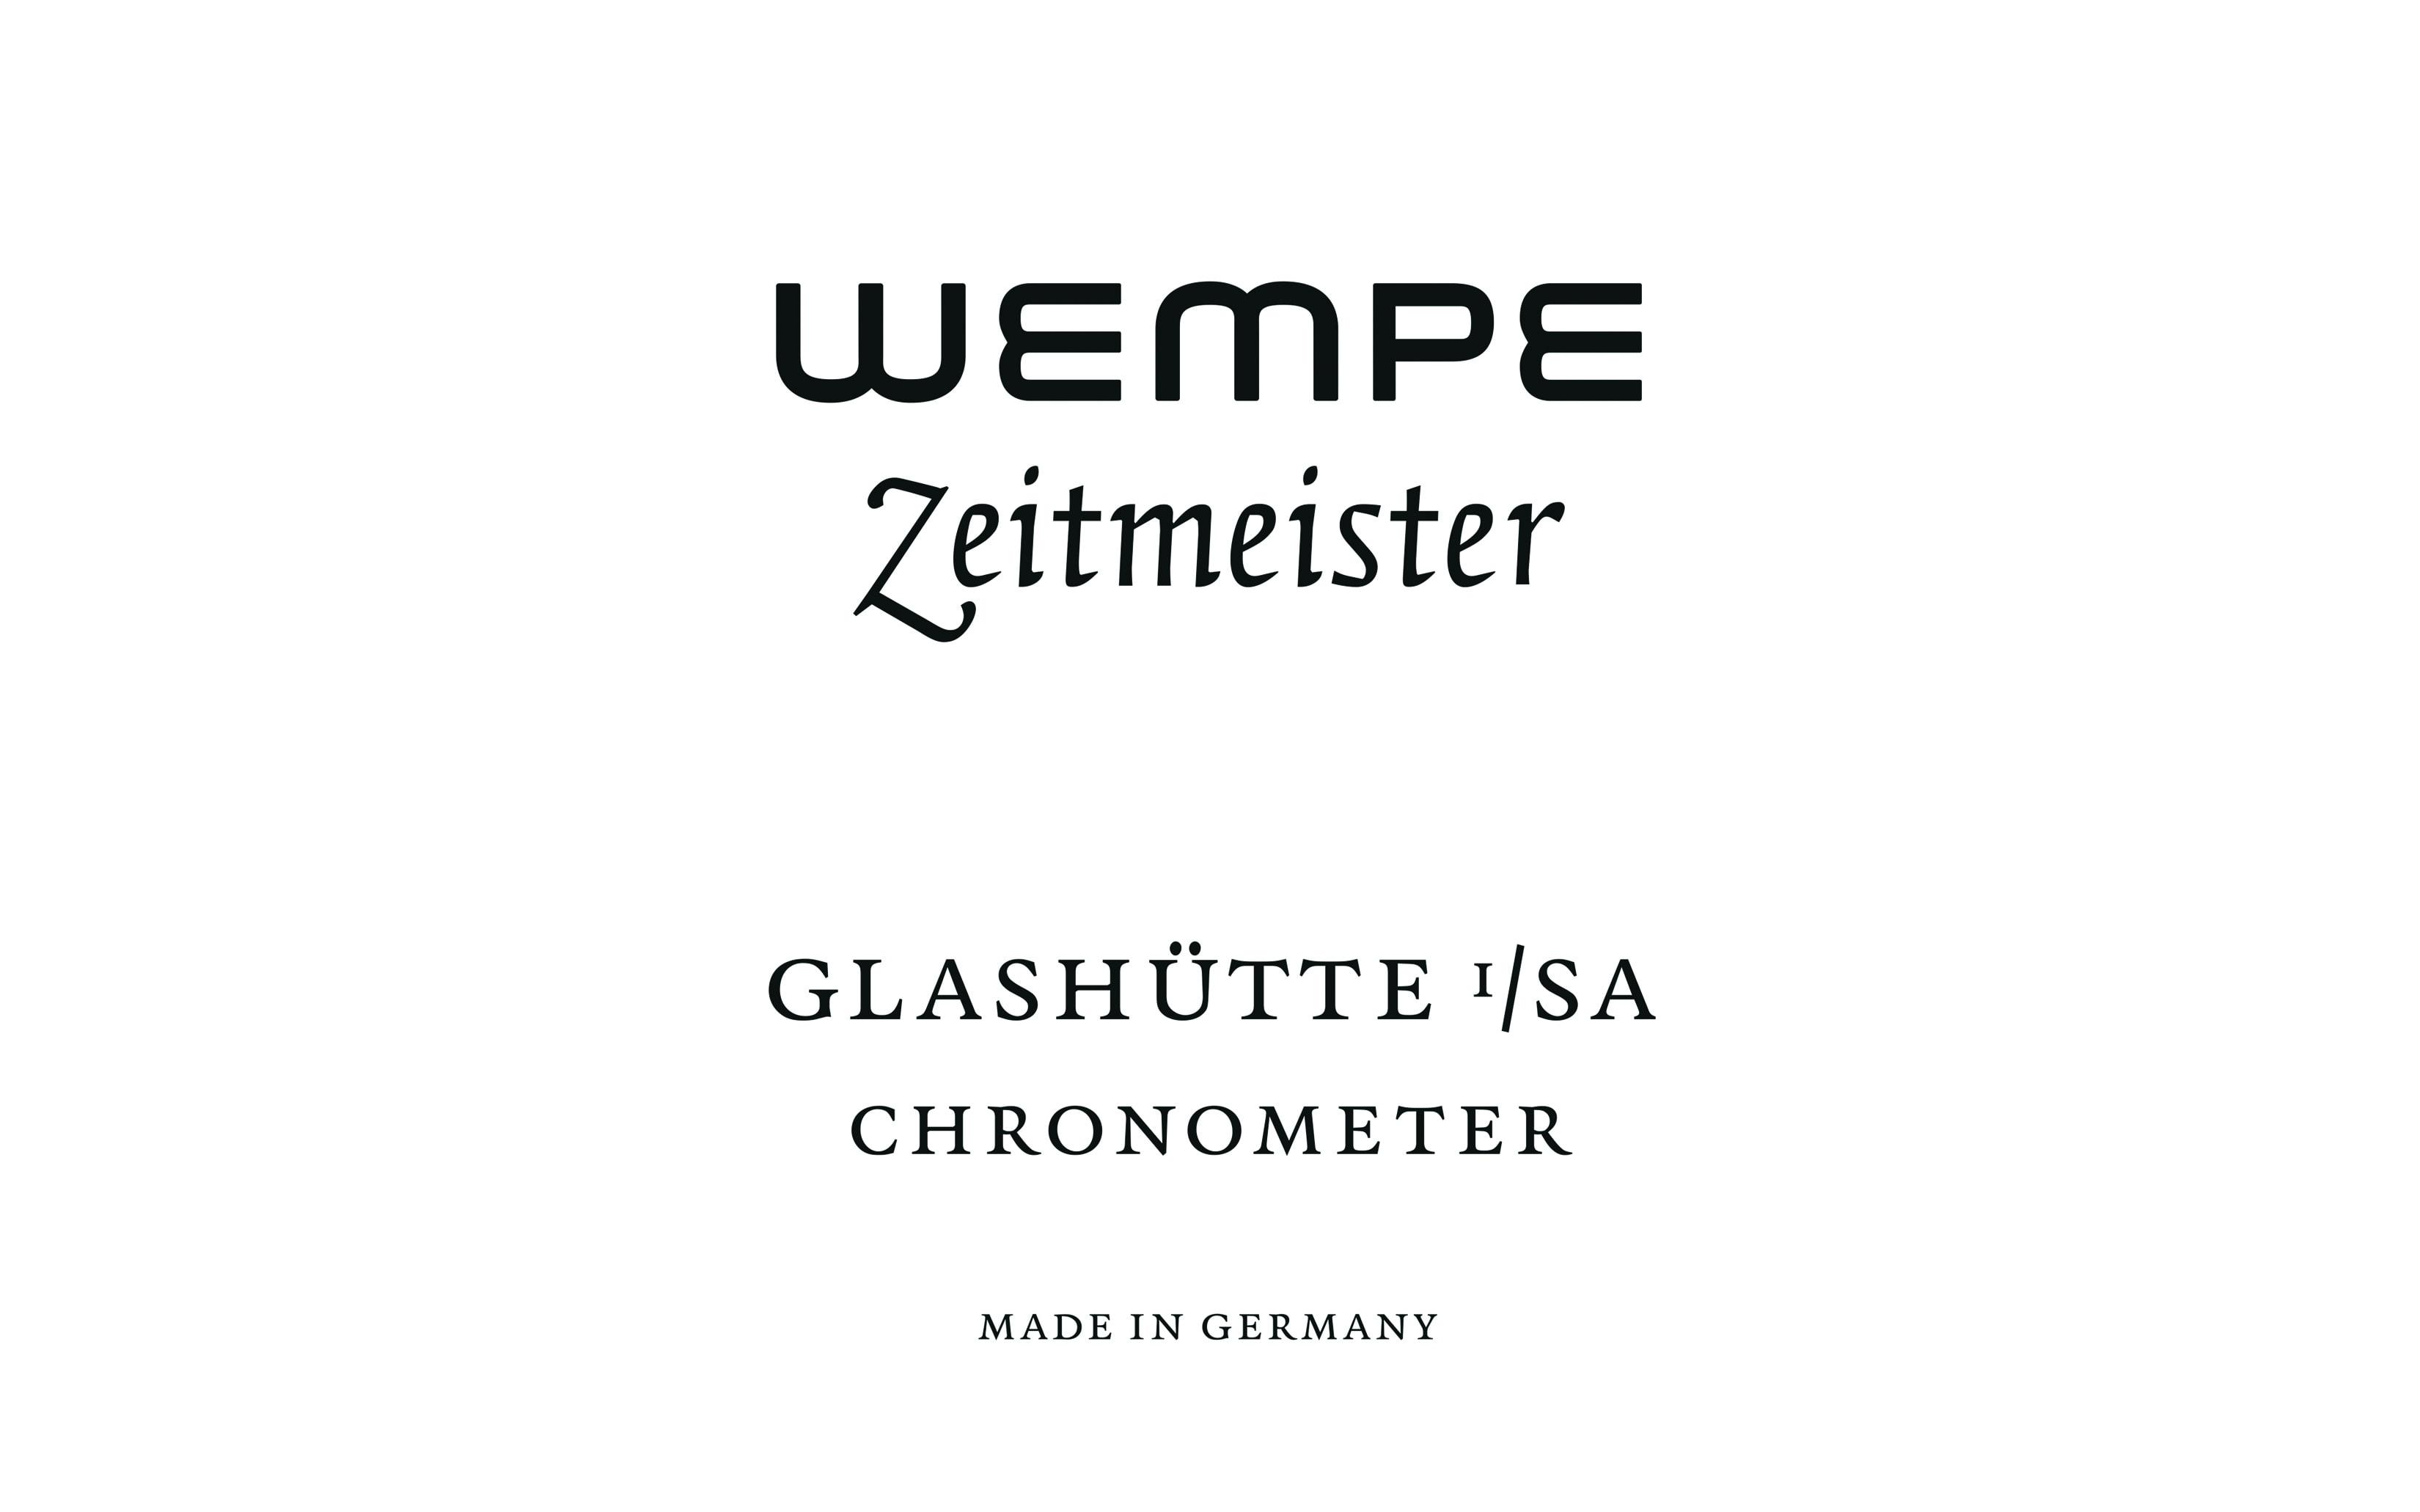 Bureau Johannes Erler – Wempe Sternwarte